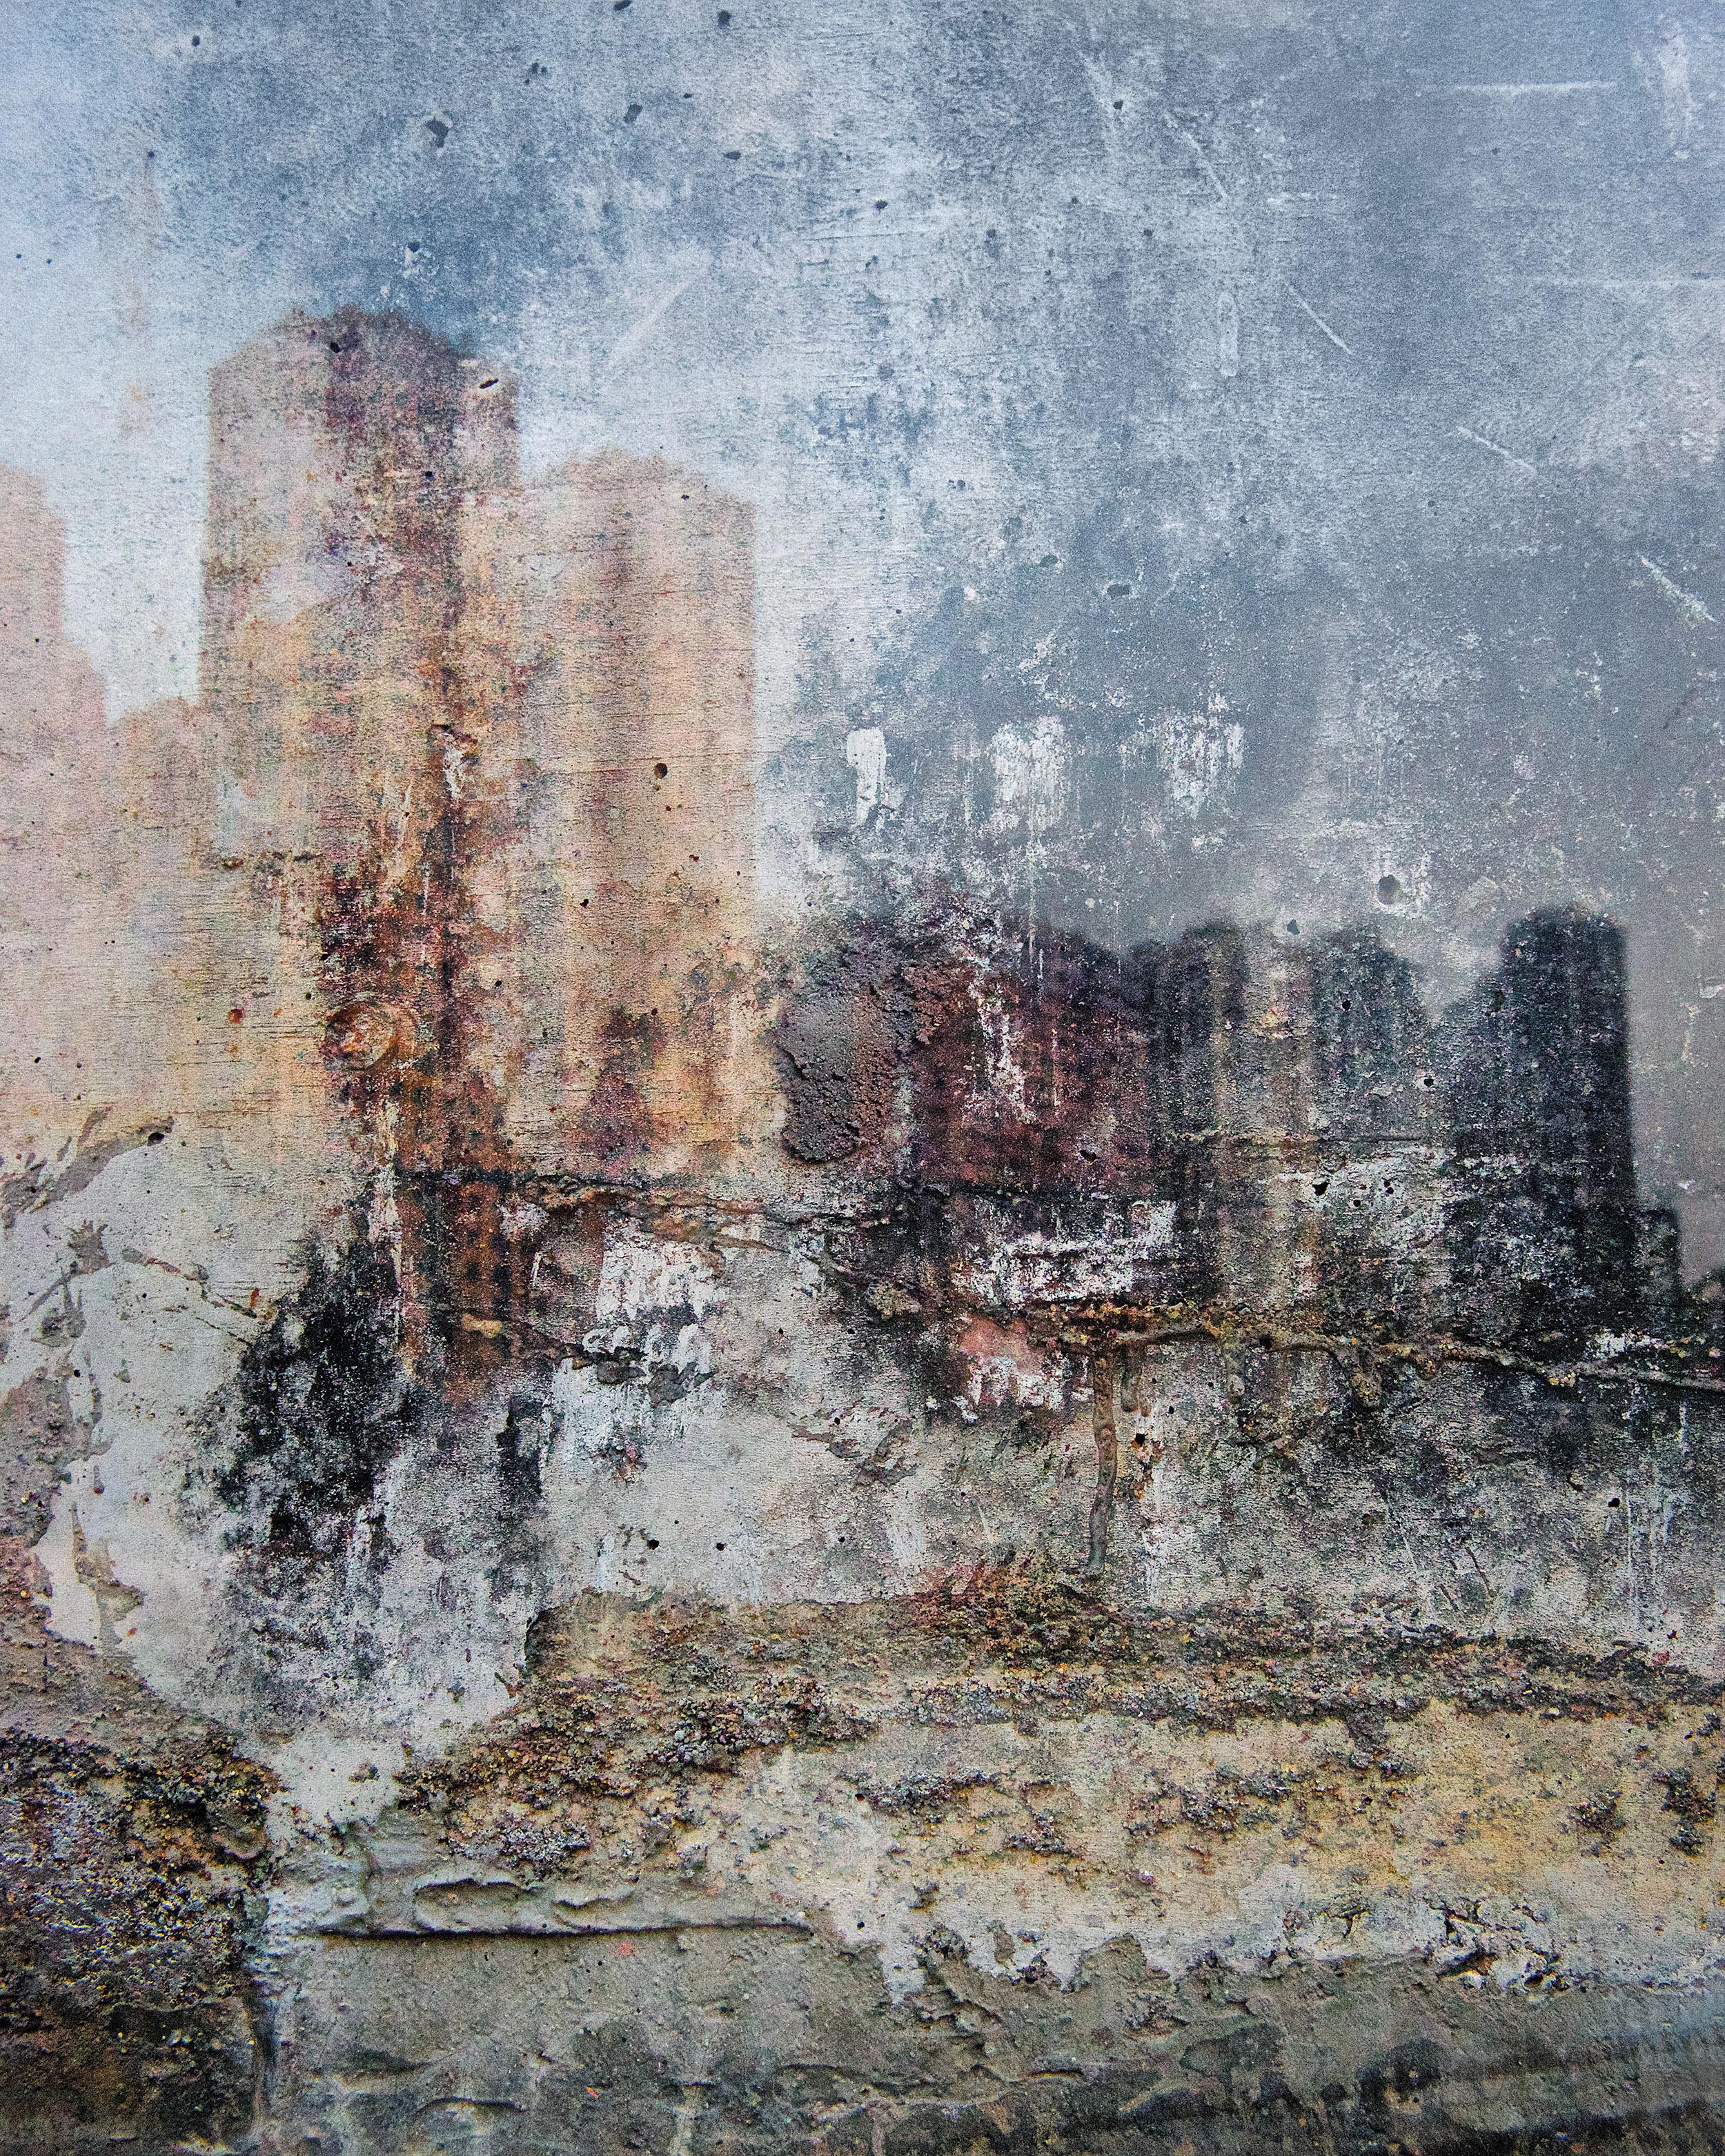 Marcel Heijnen, Aluvium, Hong Kong, 2013